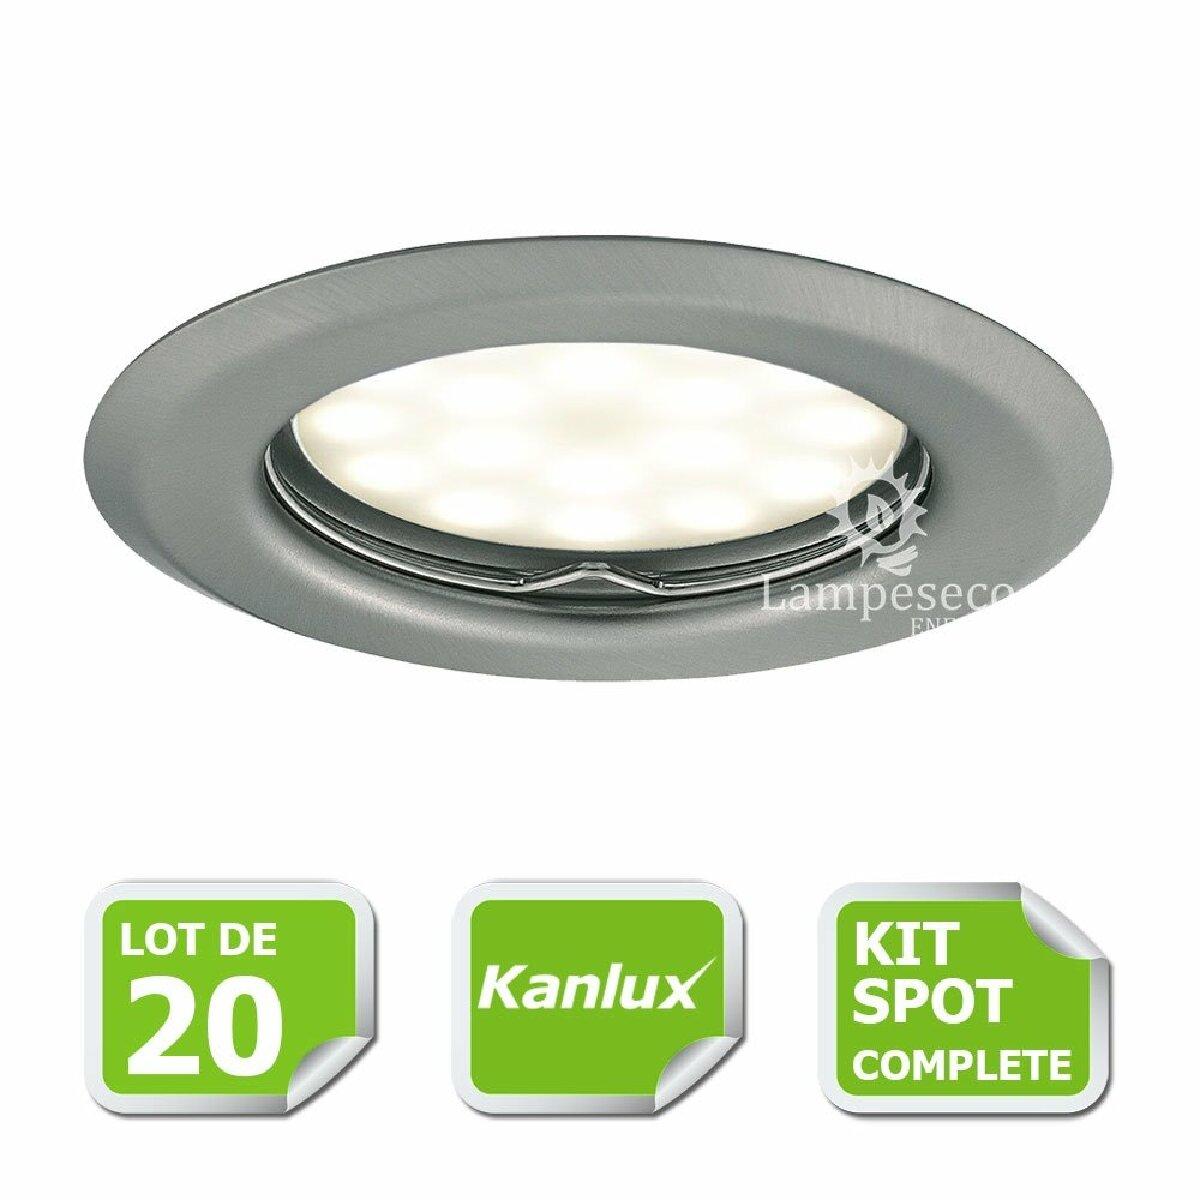 Kanlux Kit complete de 20 Spots encastrable chrome mat marque Kanlux avec GU10 LED 5W Blanc Chaud